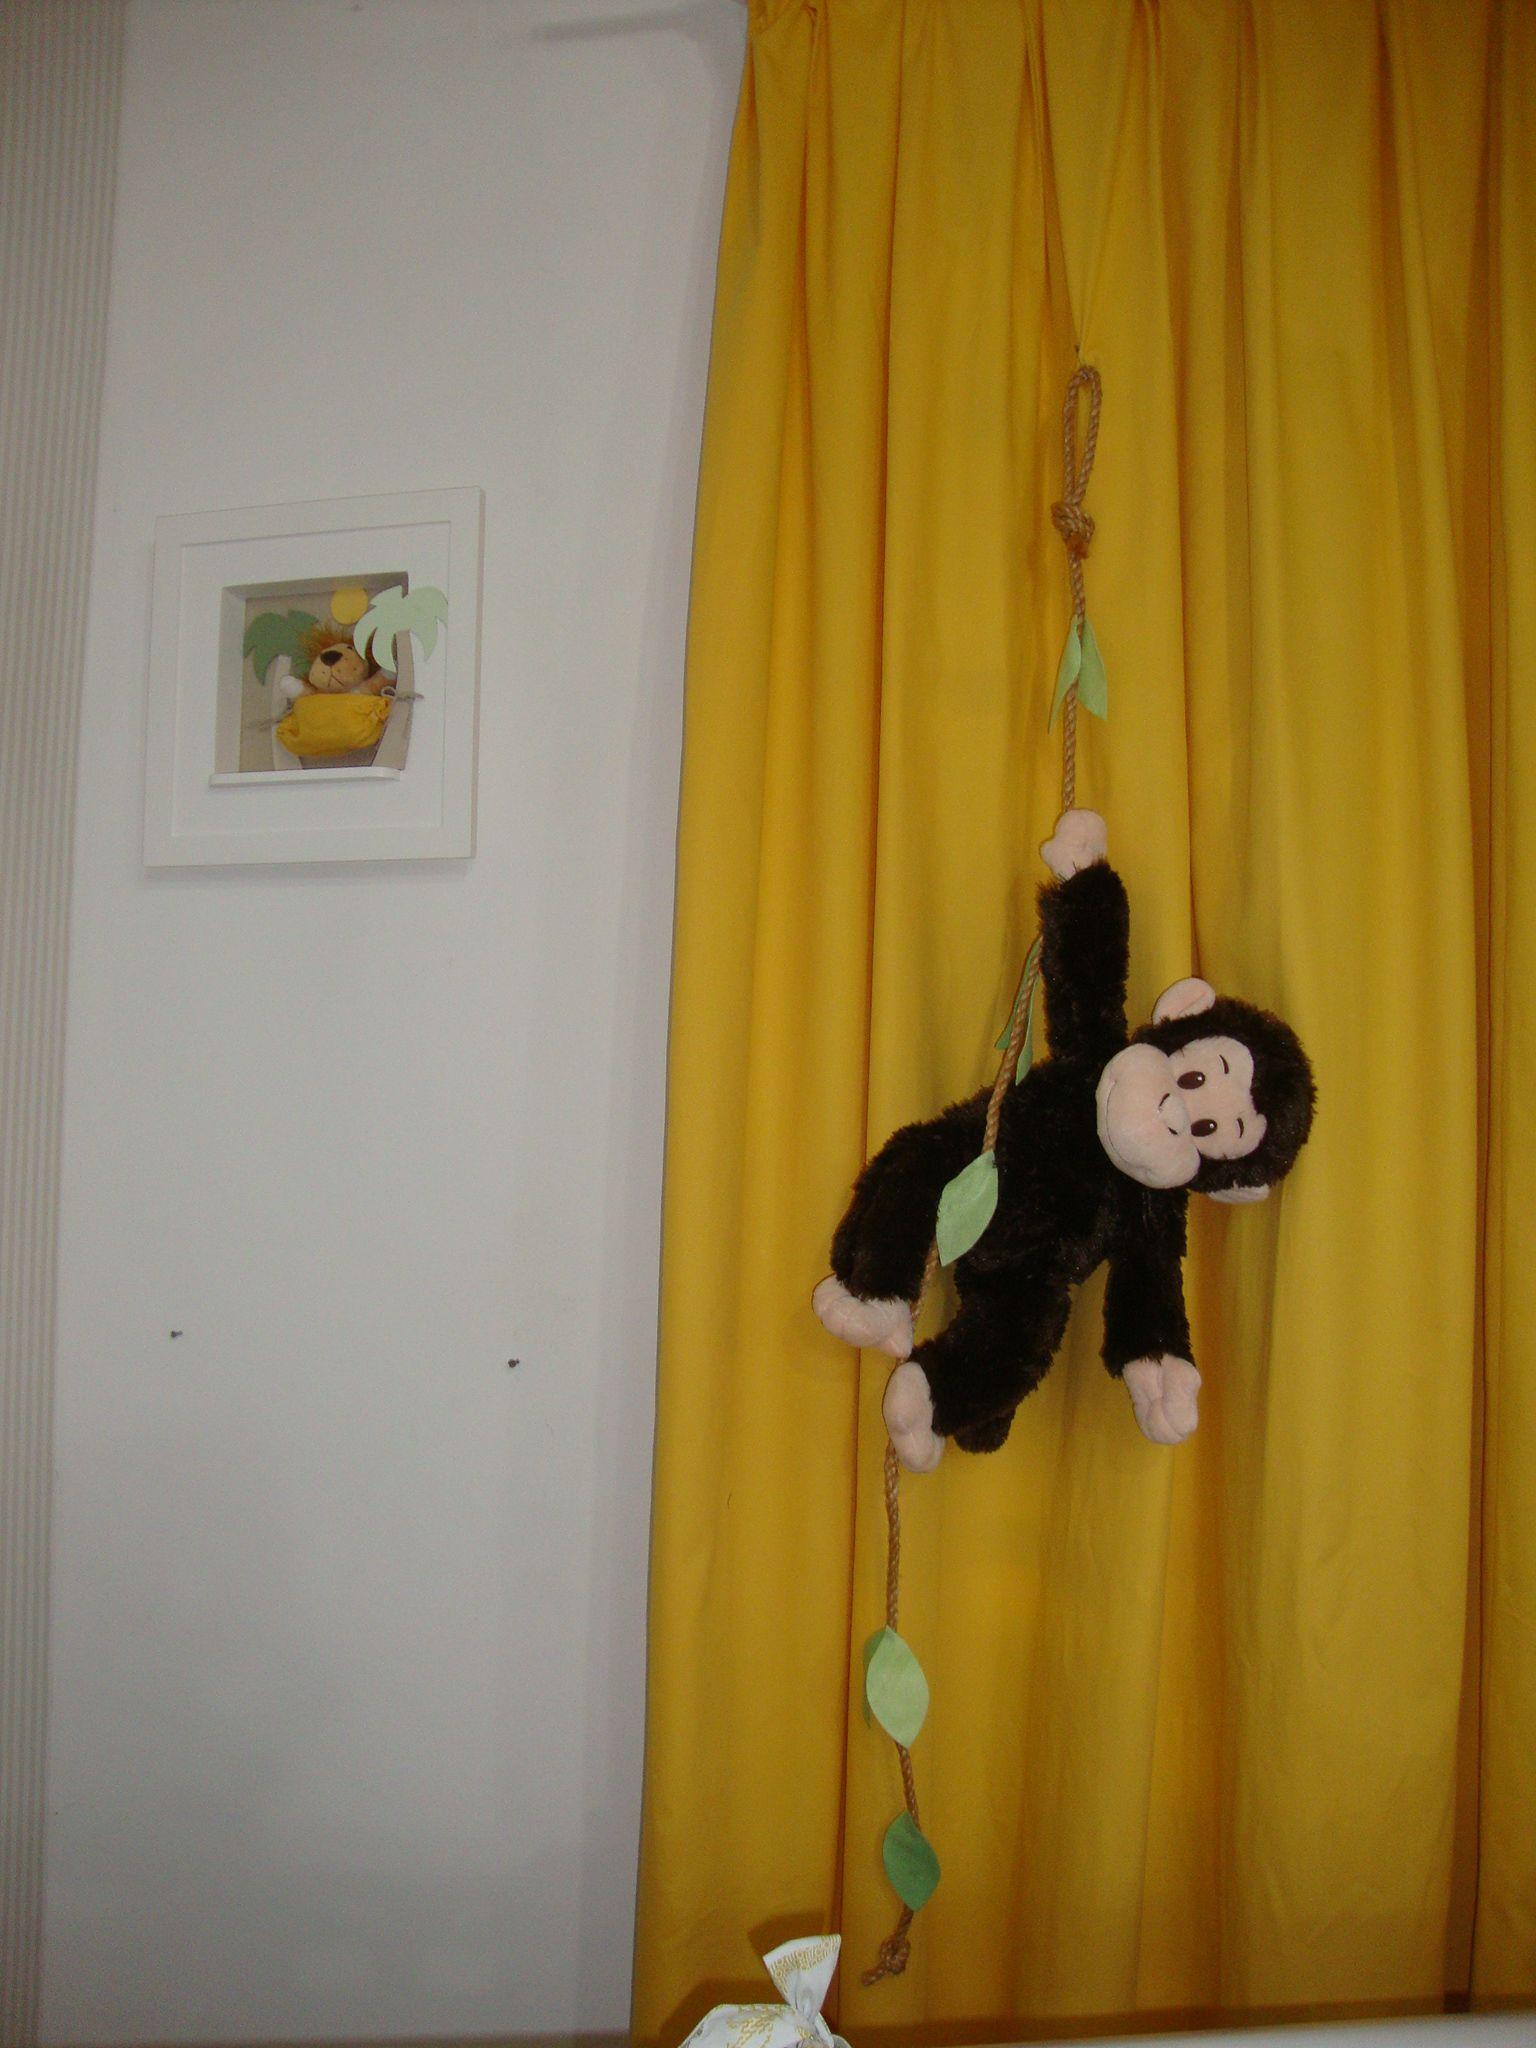 cipó com macaco 1.60m